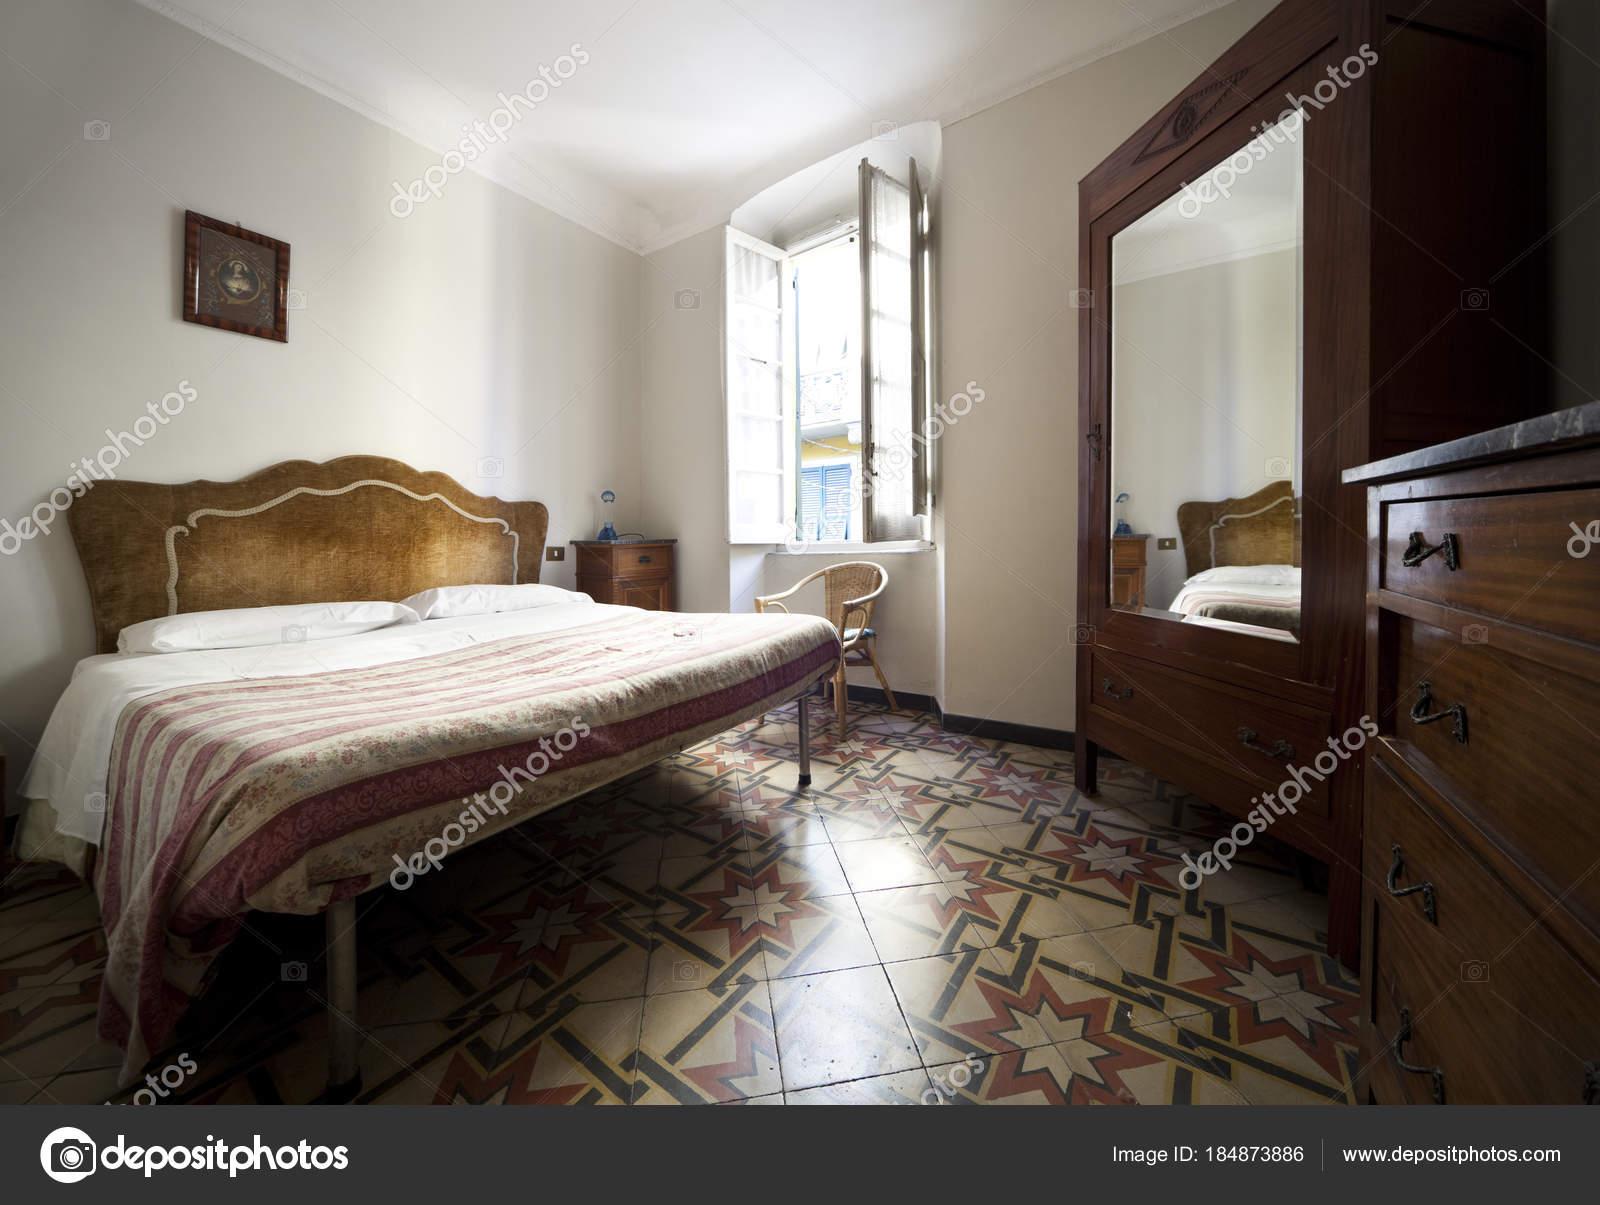 Vintage Schlafzimmer Interieur — Stockfoto © Zveiger #184873886